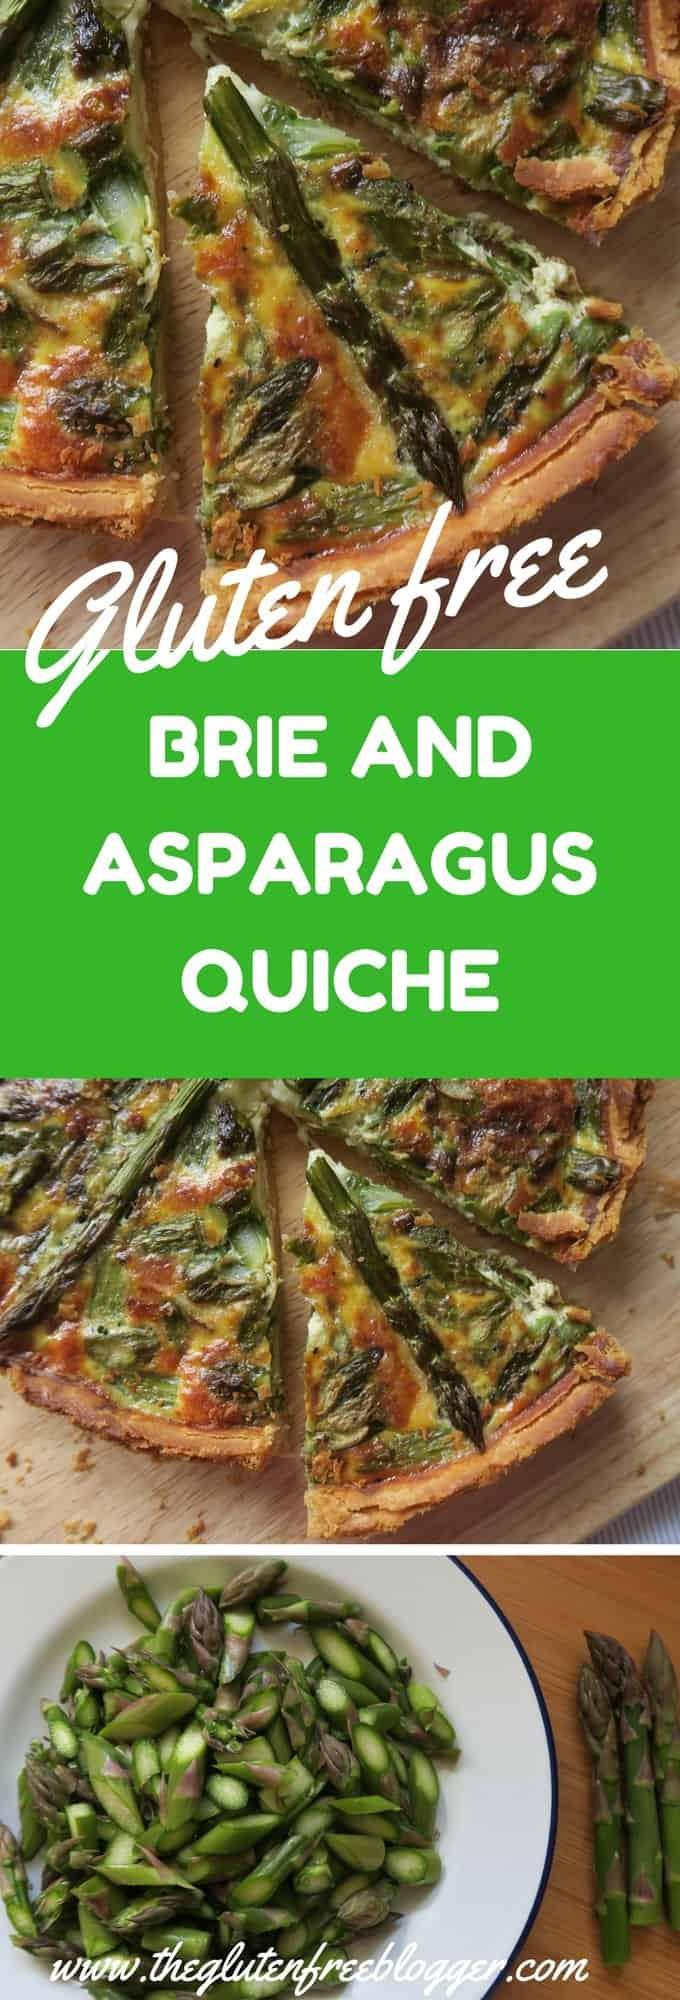 GLUTEN FREE BRIE AND ASPARAGUS QUICHE RECIPE - www.theglutenfreeblogger.com